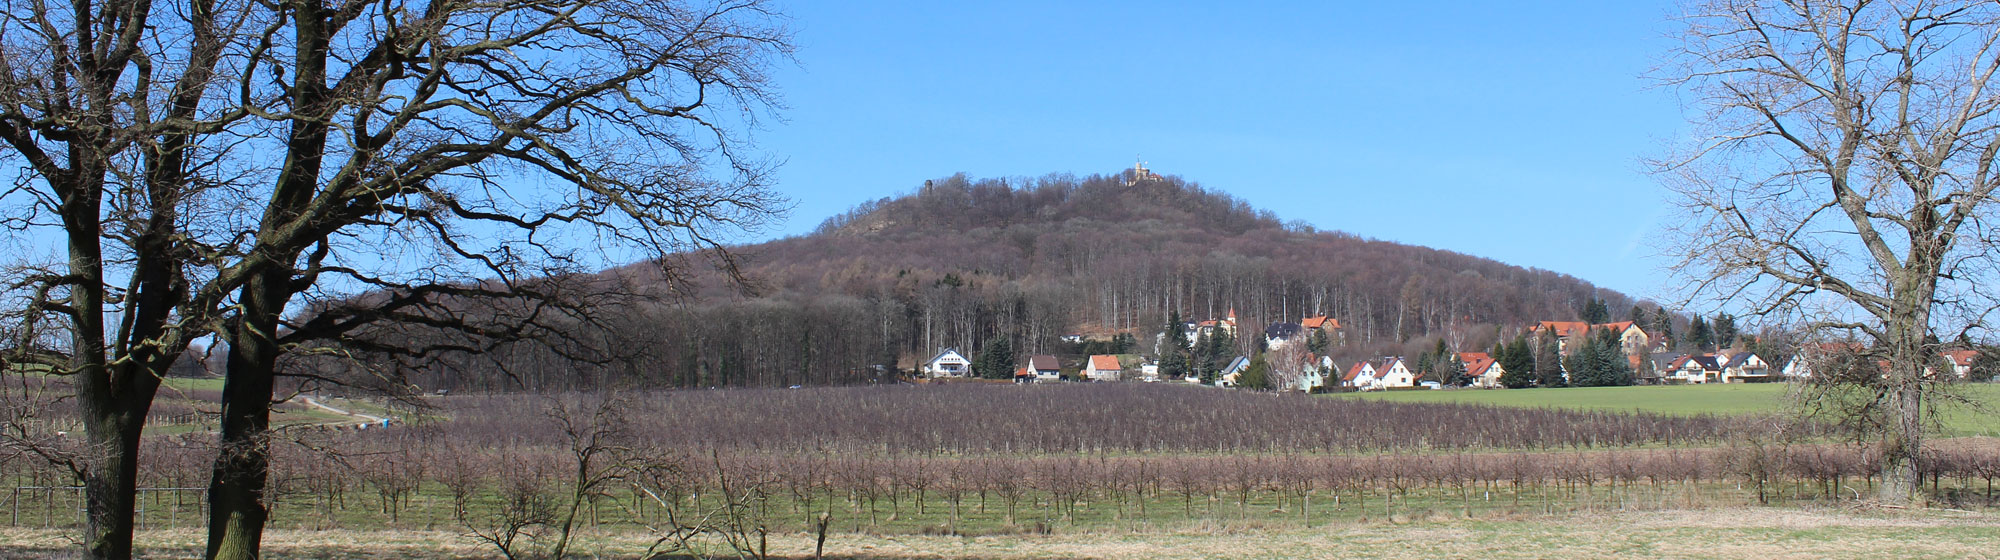 Stadtgut Görlitz LandeskroneFruehling.jpg